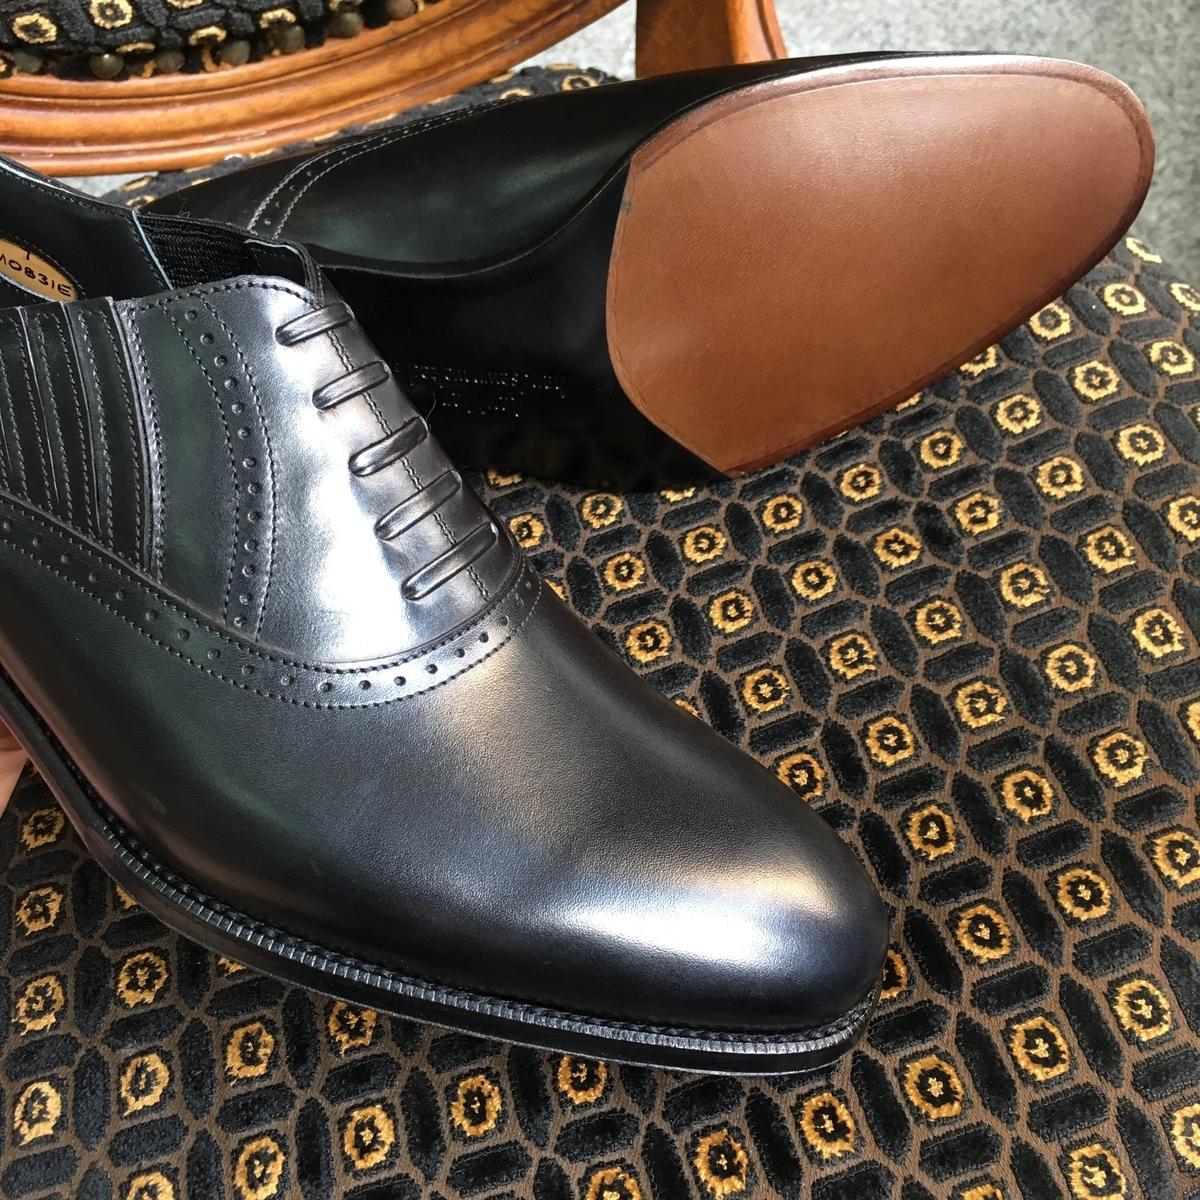 f:id:raymar-shoes:20190911173452j:plain